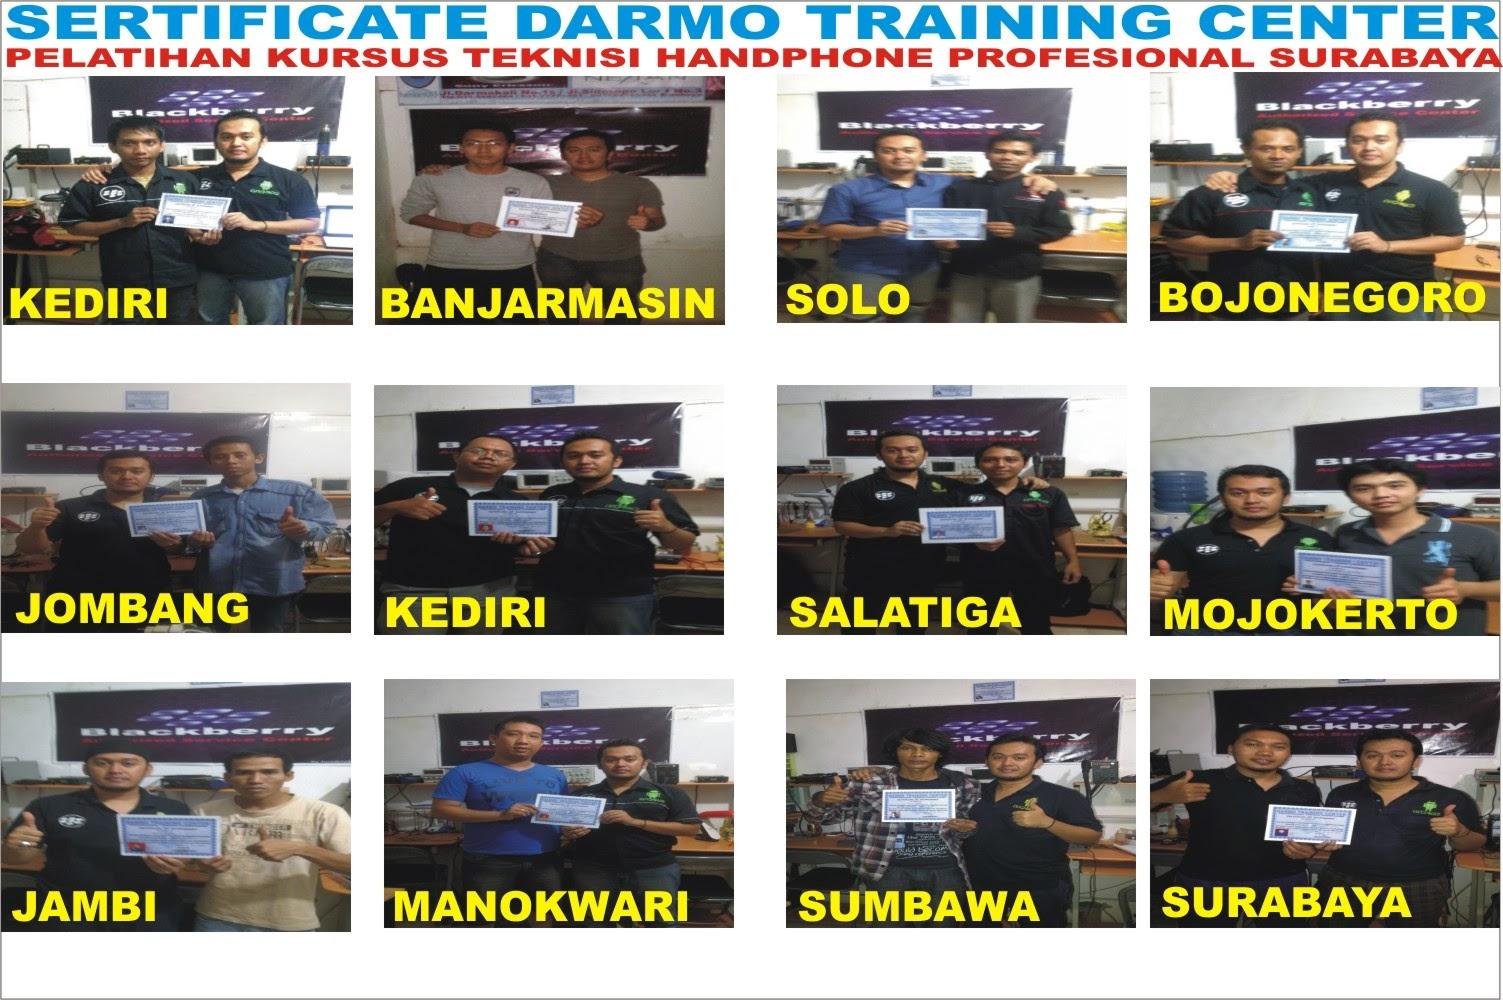 Darmo Training Center Sertifikate Dtc Handphone Surabaya Menjalin Tali Silaturahim